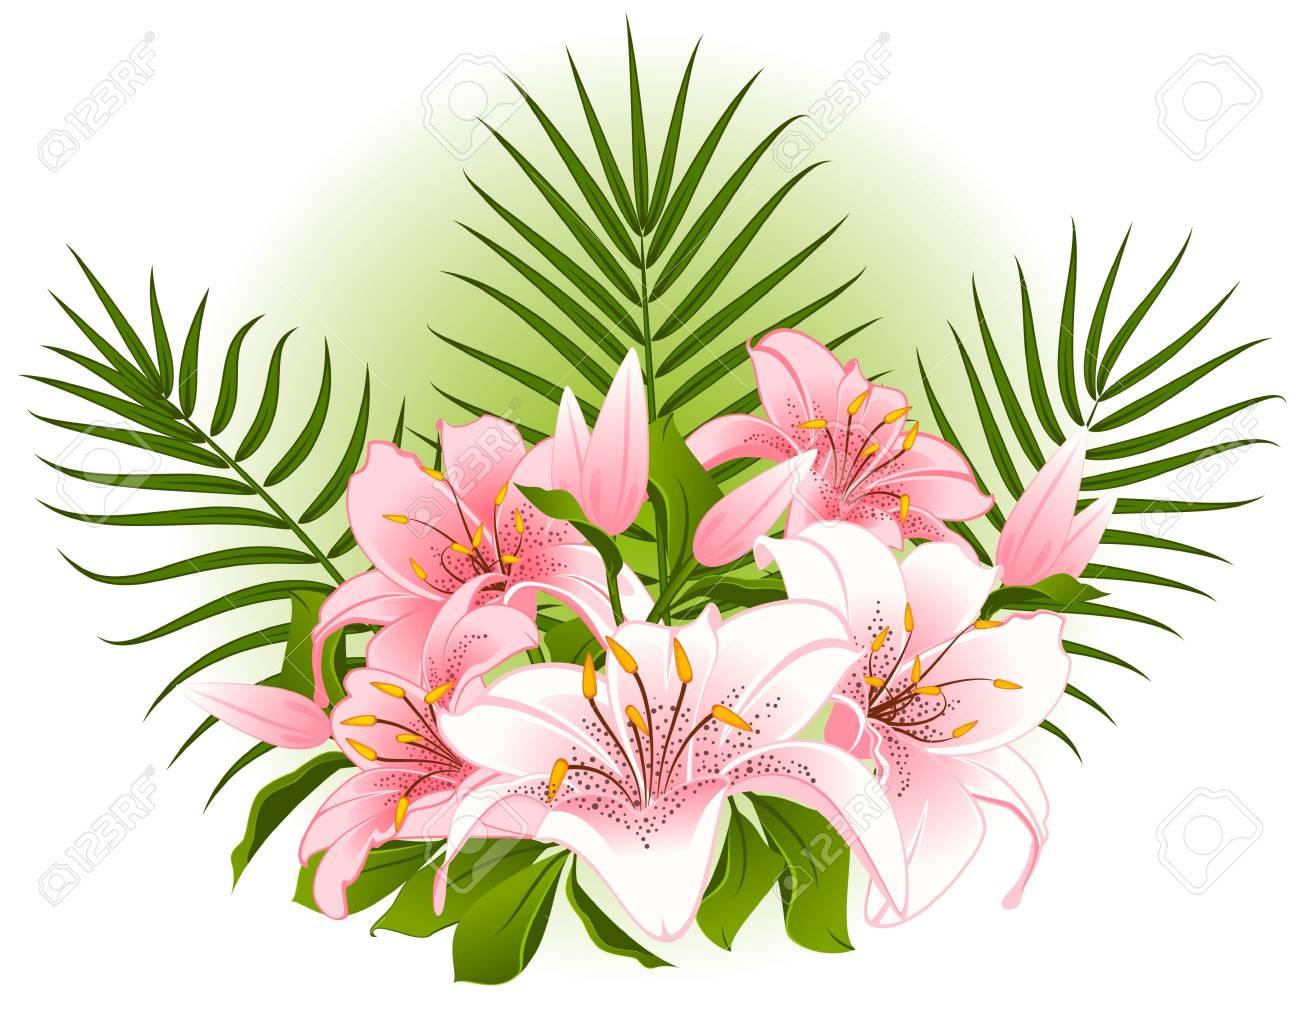 Bella lily bouquet fotos retratos imgenes y fotografa de archivo bella lily bouquet foto de archivo 8664762 izmirmasajfo